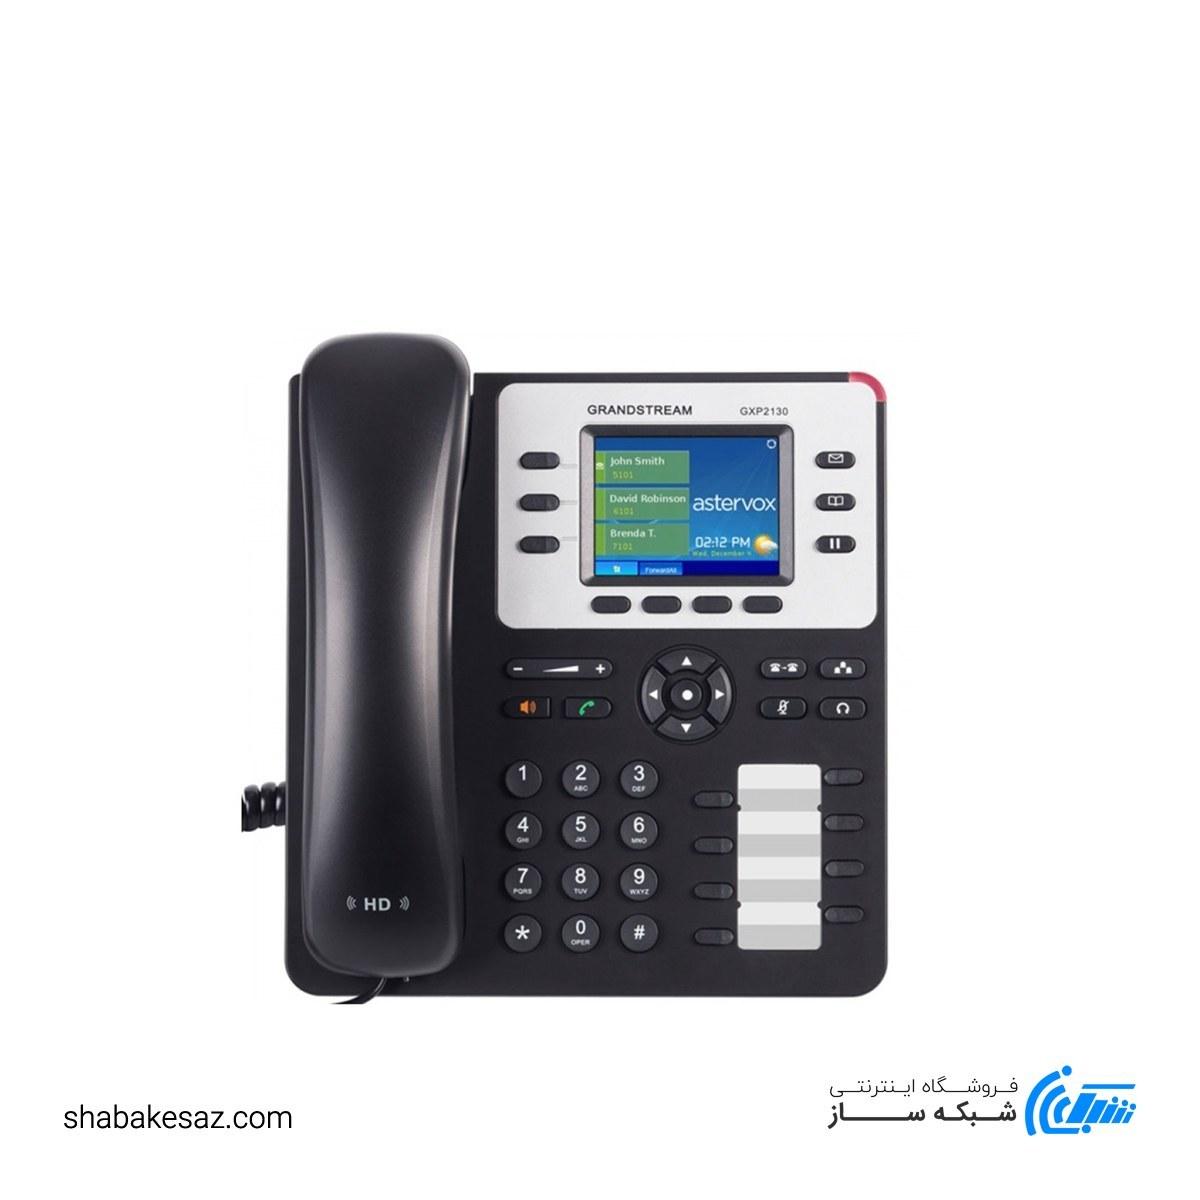 تصویر گوشی تلفن GXP2130 v2 گرنداستریم Grandstream GXP2130 v2